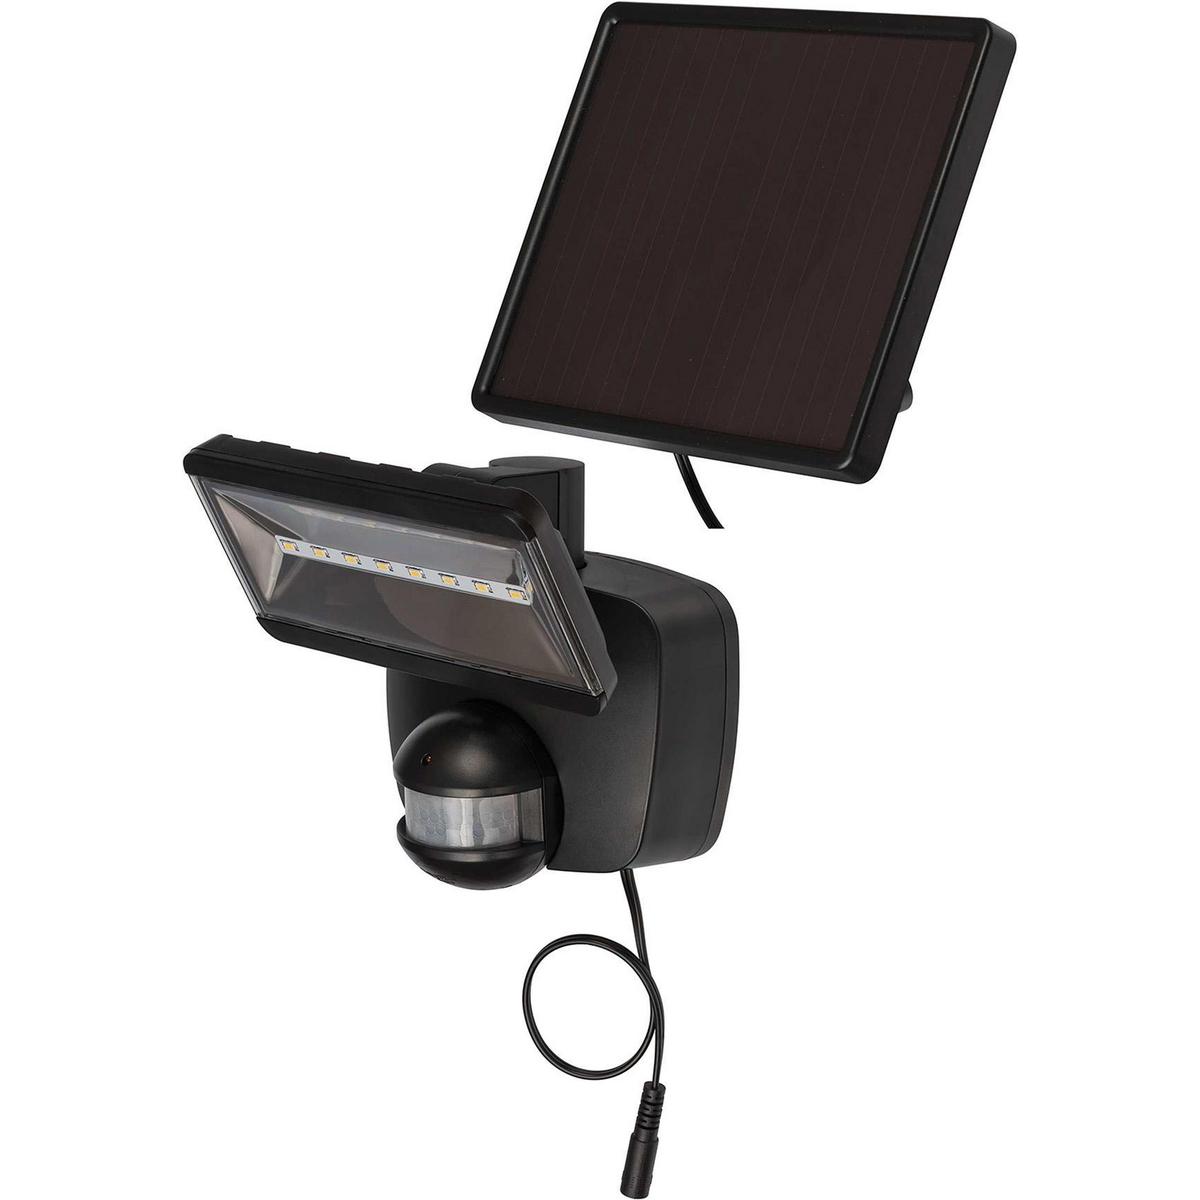 led-scheinwerfer-mit-sensor-400-lm-schwarz